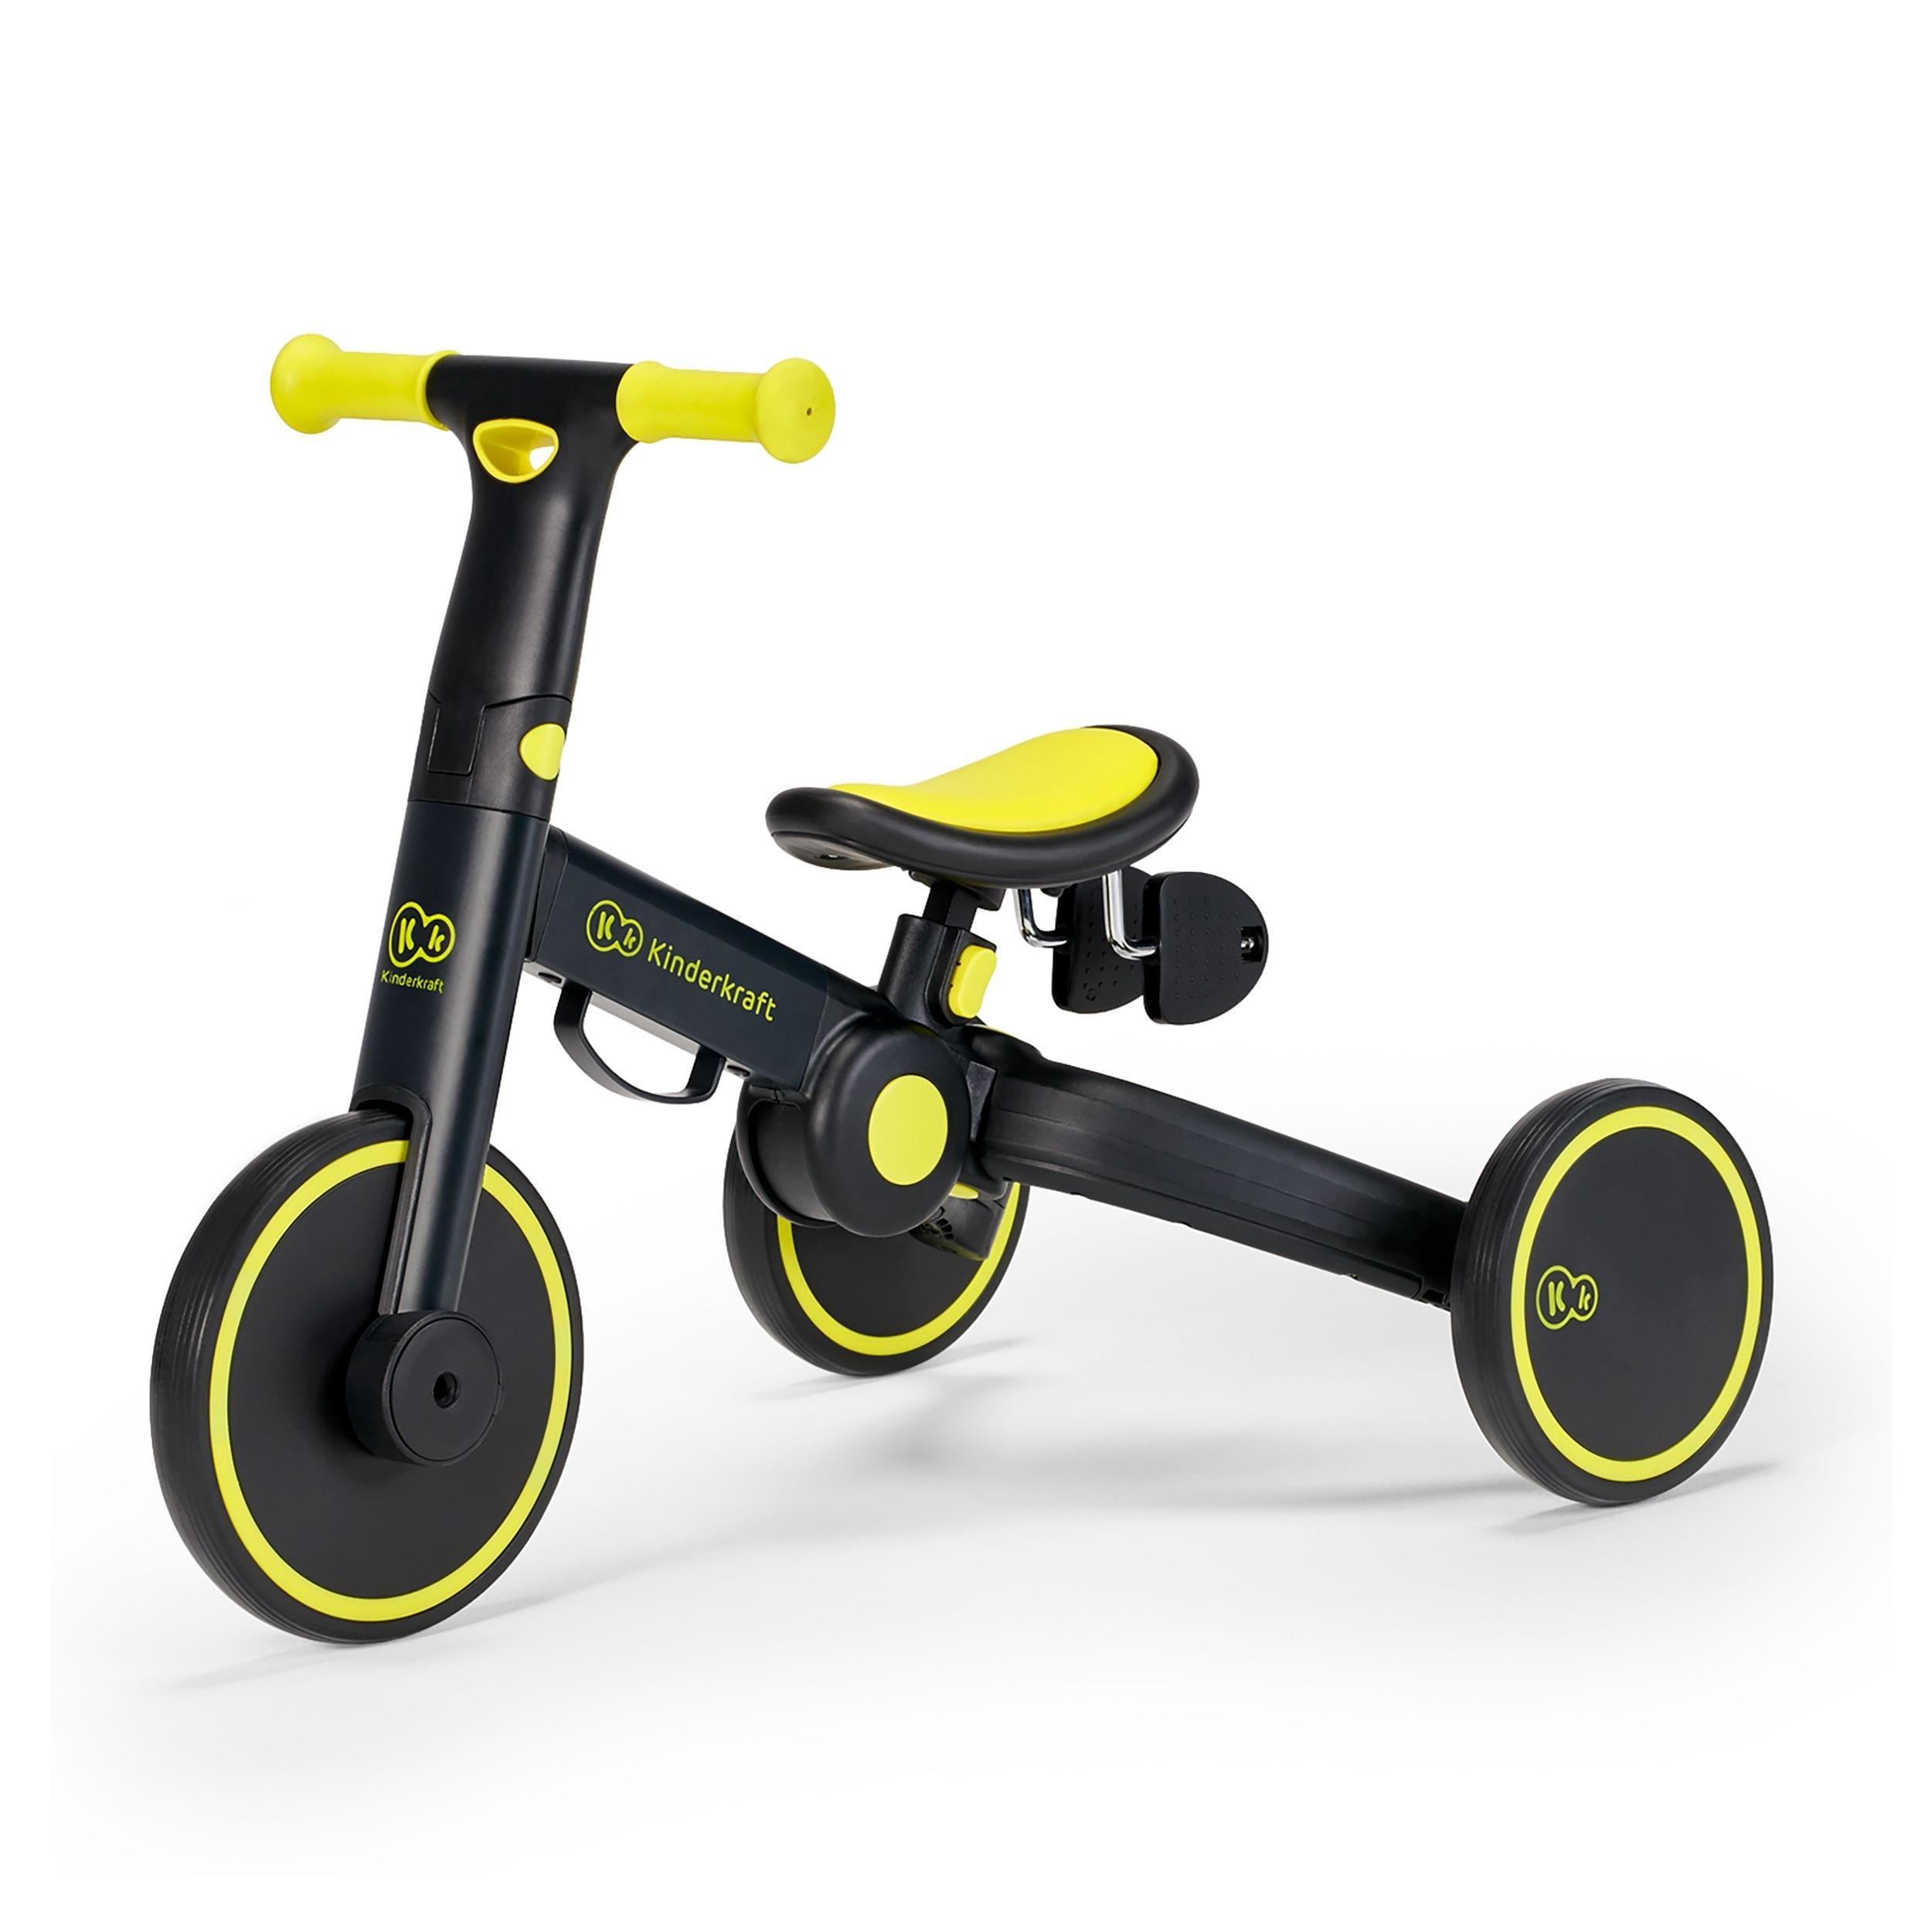 Tricikl bicikl Kinderkraftv4TRIKE black volt